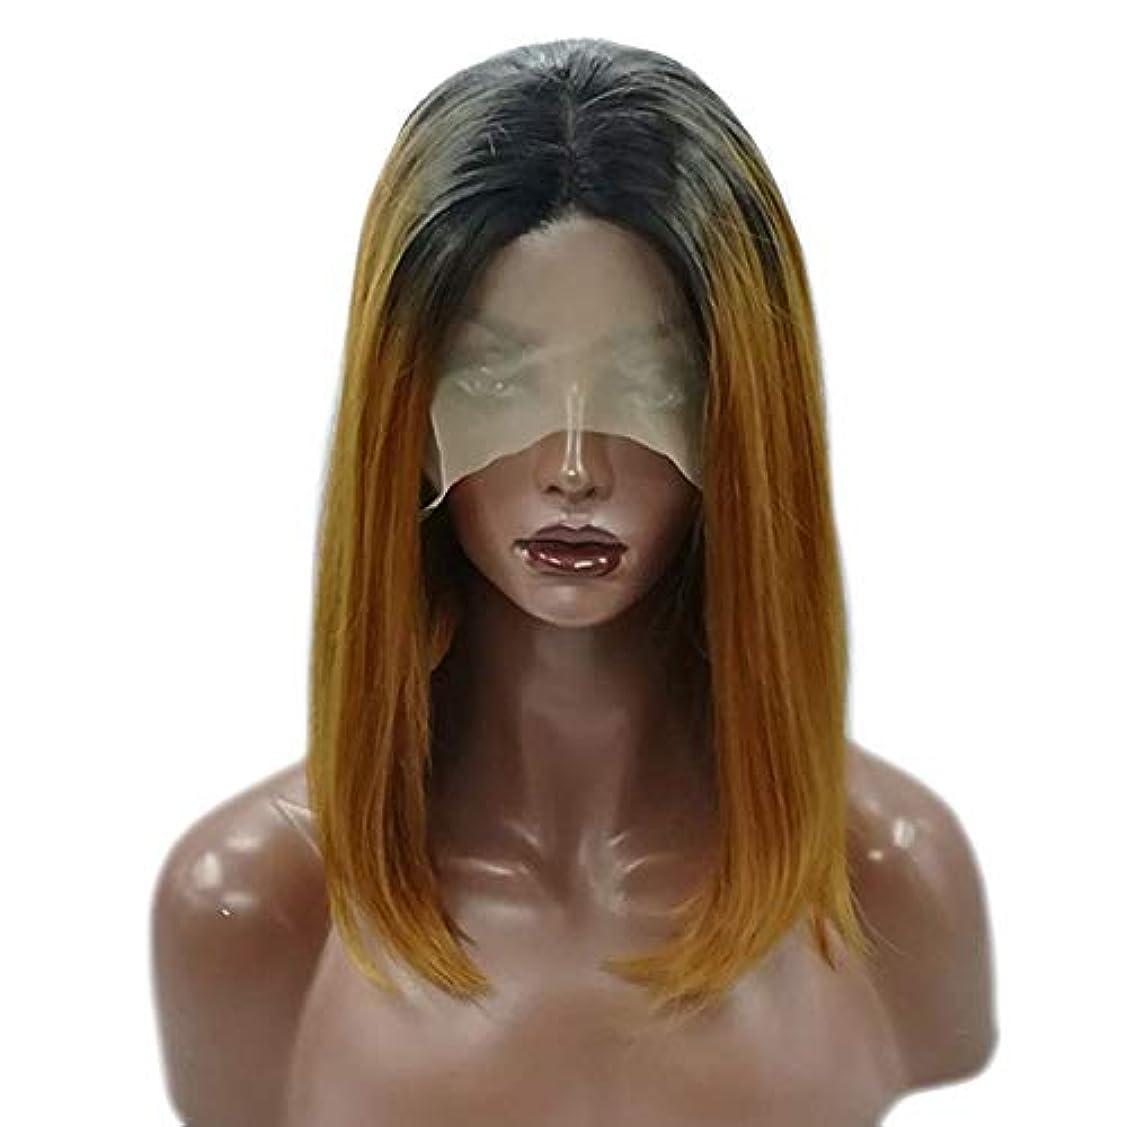 非難する埋め込む深遠YOUQIU 女子ショートストレートウィッグ肩の長さ黒合成ボブヘアウィッグ耐熱フル?ヘアウィッグウィッグ (色 : Photo Color)